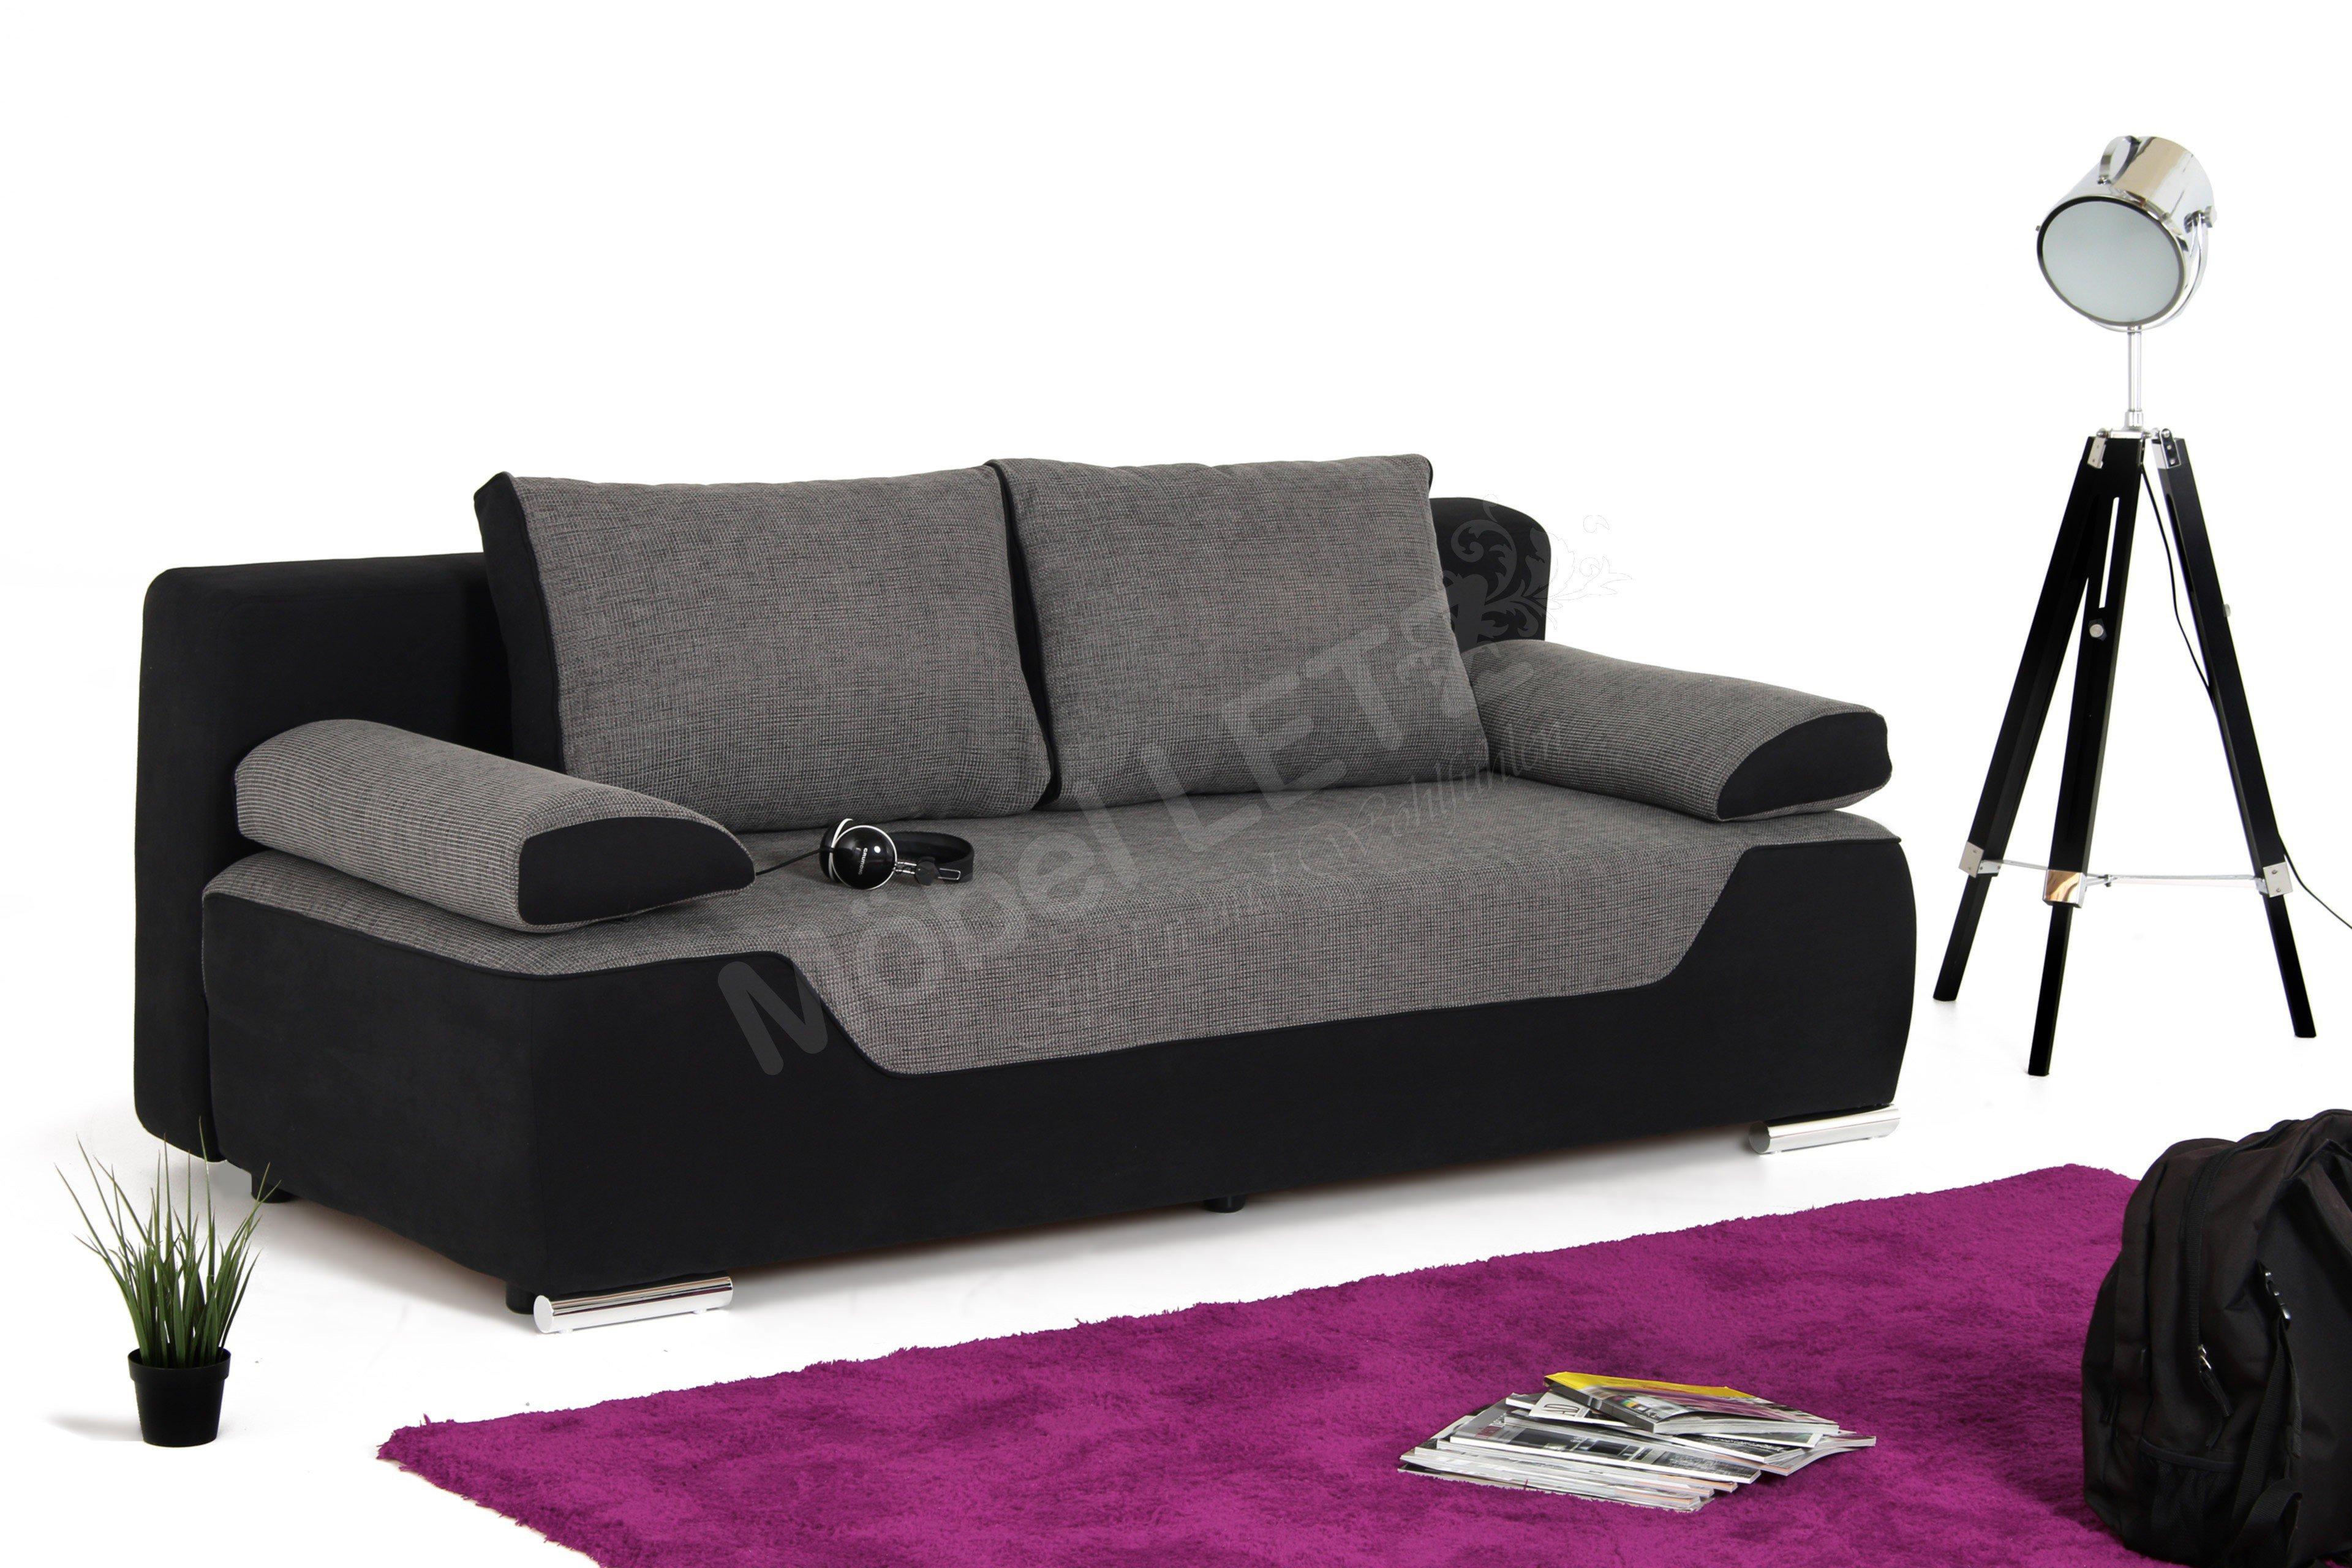 black red white schlafsofa cleo philippa mit bettkasten m bel letz ihr online shop. Black Bedroom Furniture Sets. Home Design Ideas